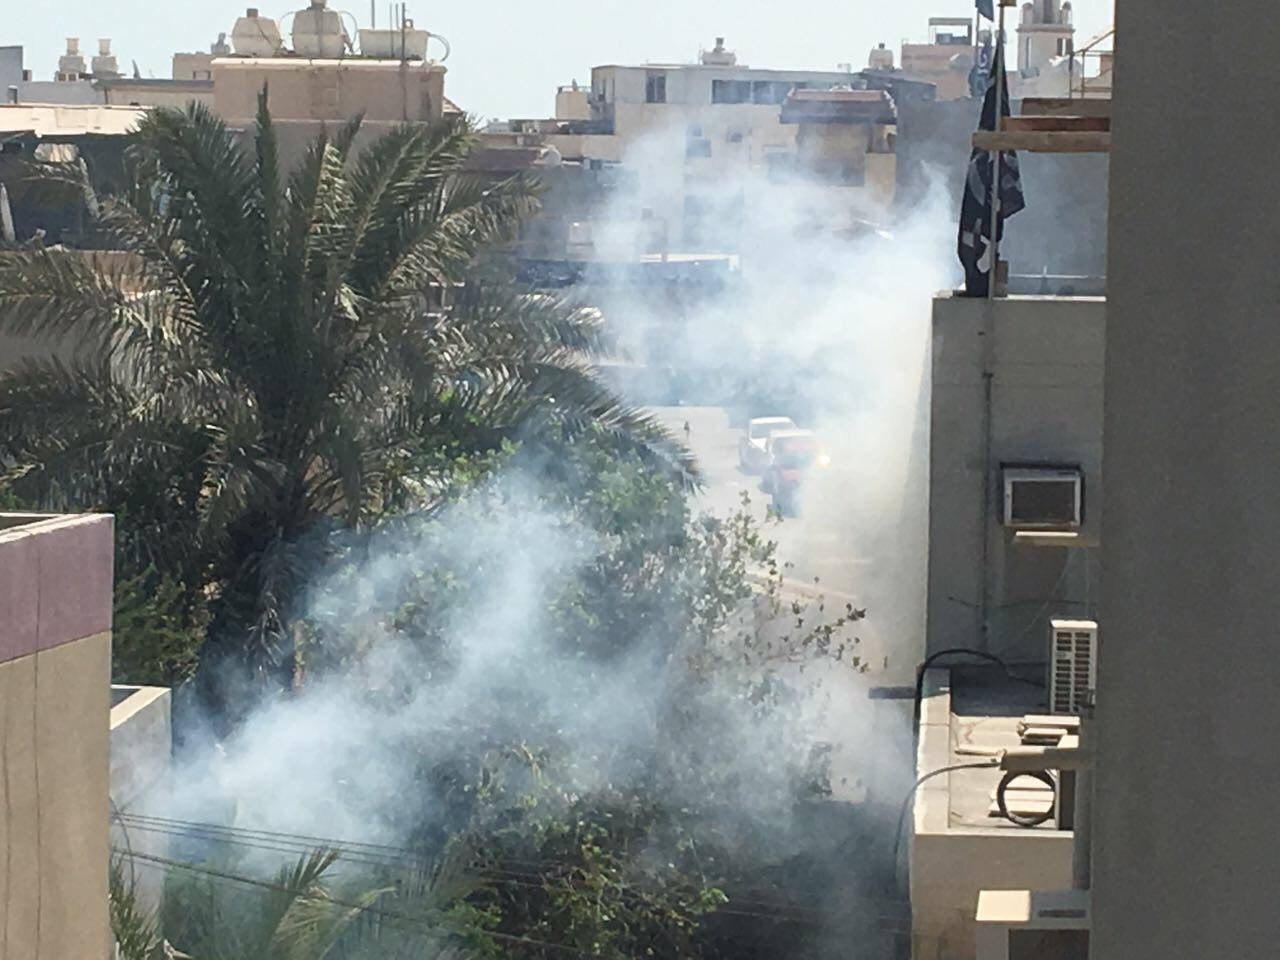 ثوّار البحرين يتصدّون للمعتدين على الشعائر الحسينيّة